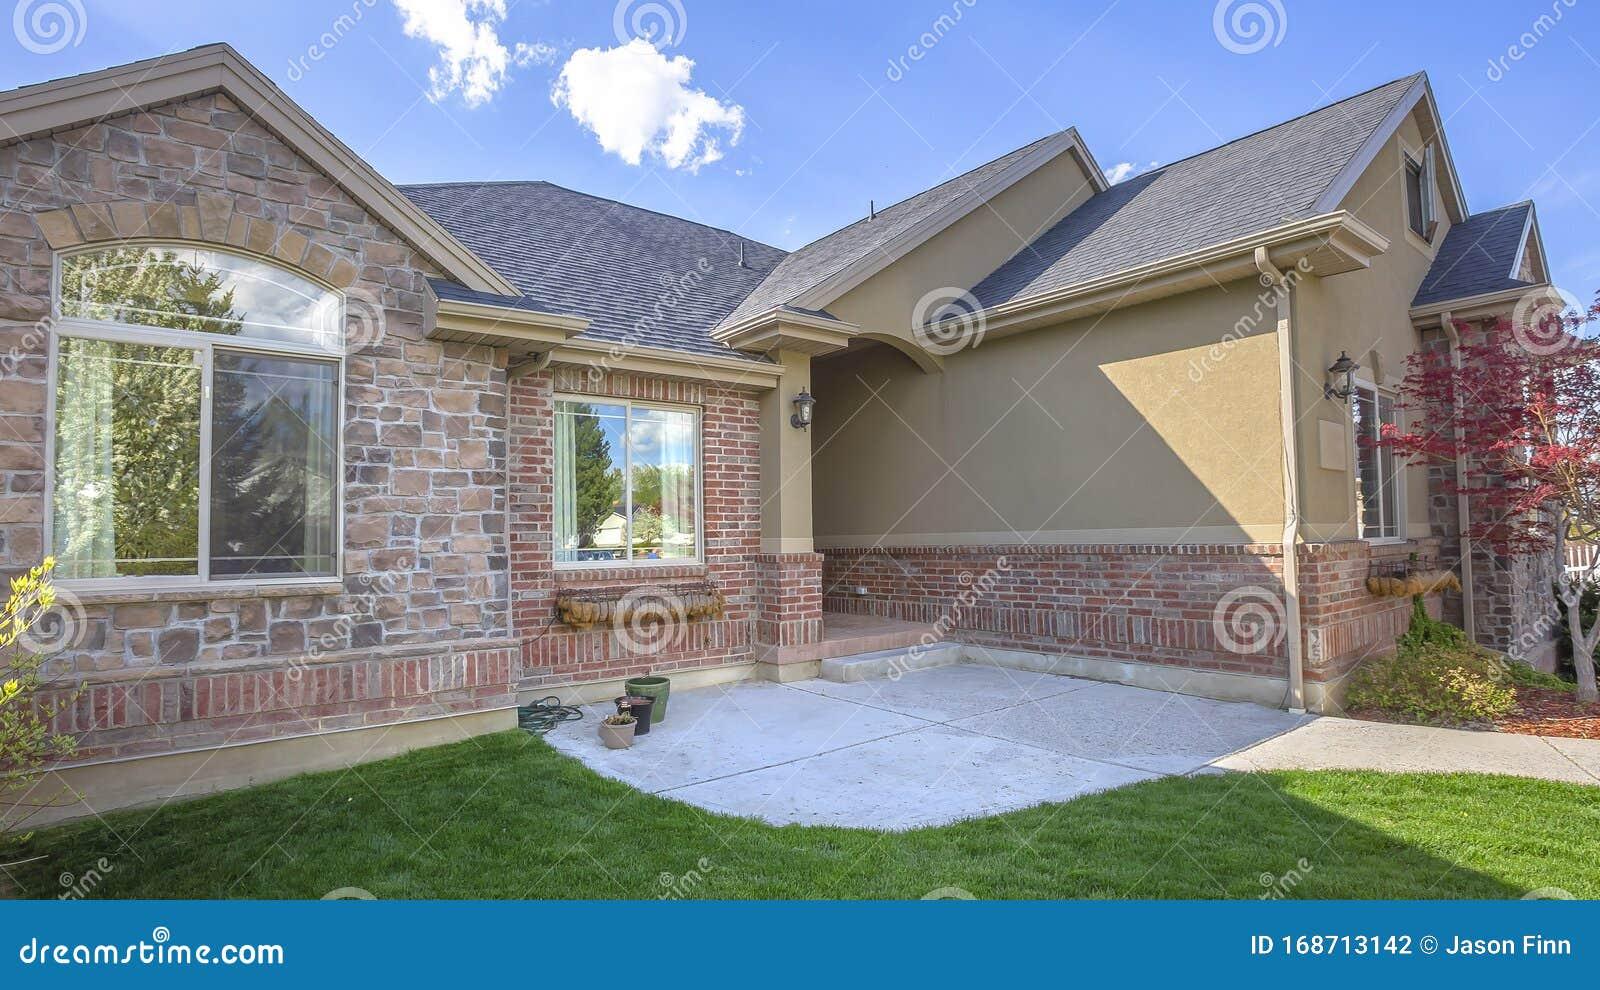 pano beautiful exterior home brick wall landscaped yard arched entryway pano beautiful exterior home brick 168713142